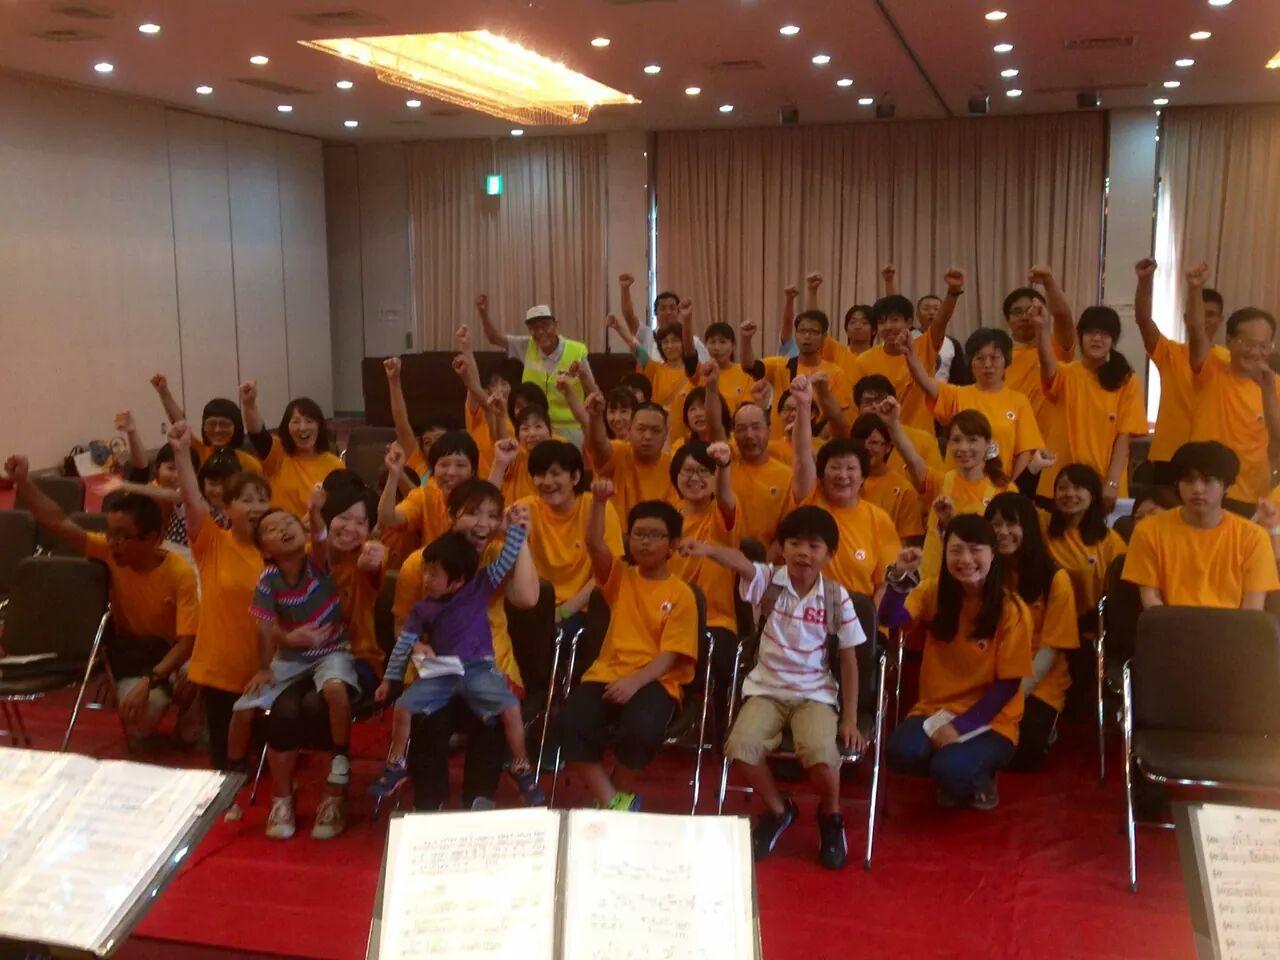 http://livedoor.blogimg.jp/hidakawanowa/imgs/2/c/2caafbc7.jpg